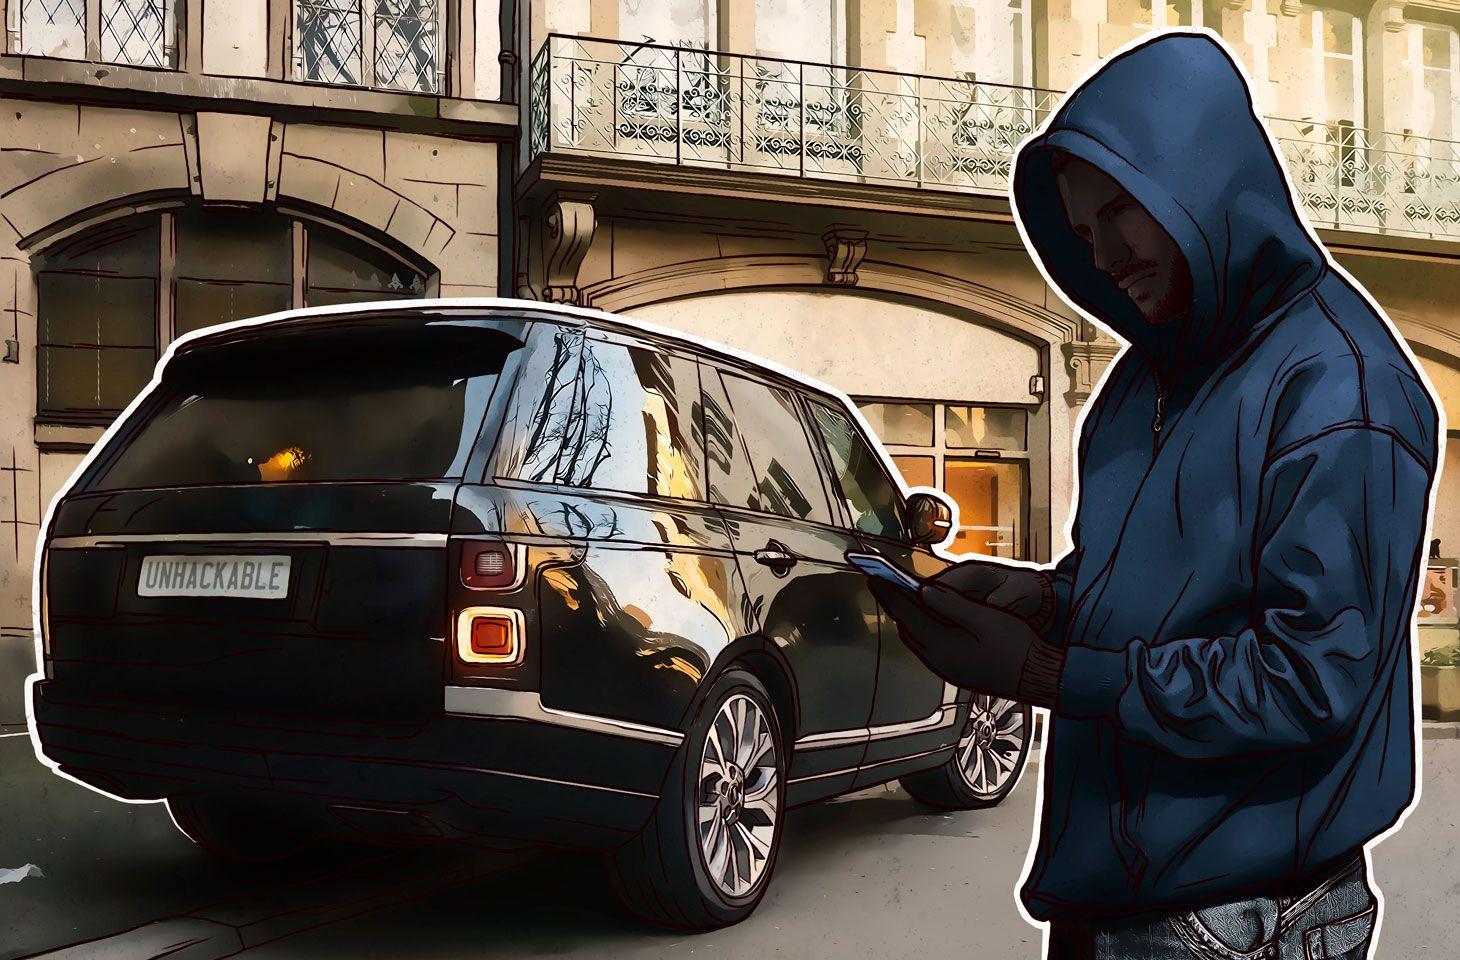 ¿Qué tan seguros son los dispositivos inteligentes de tu vehículo?